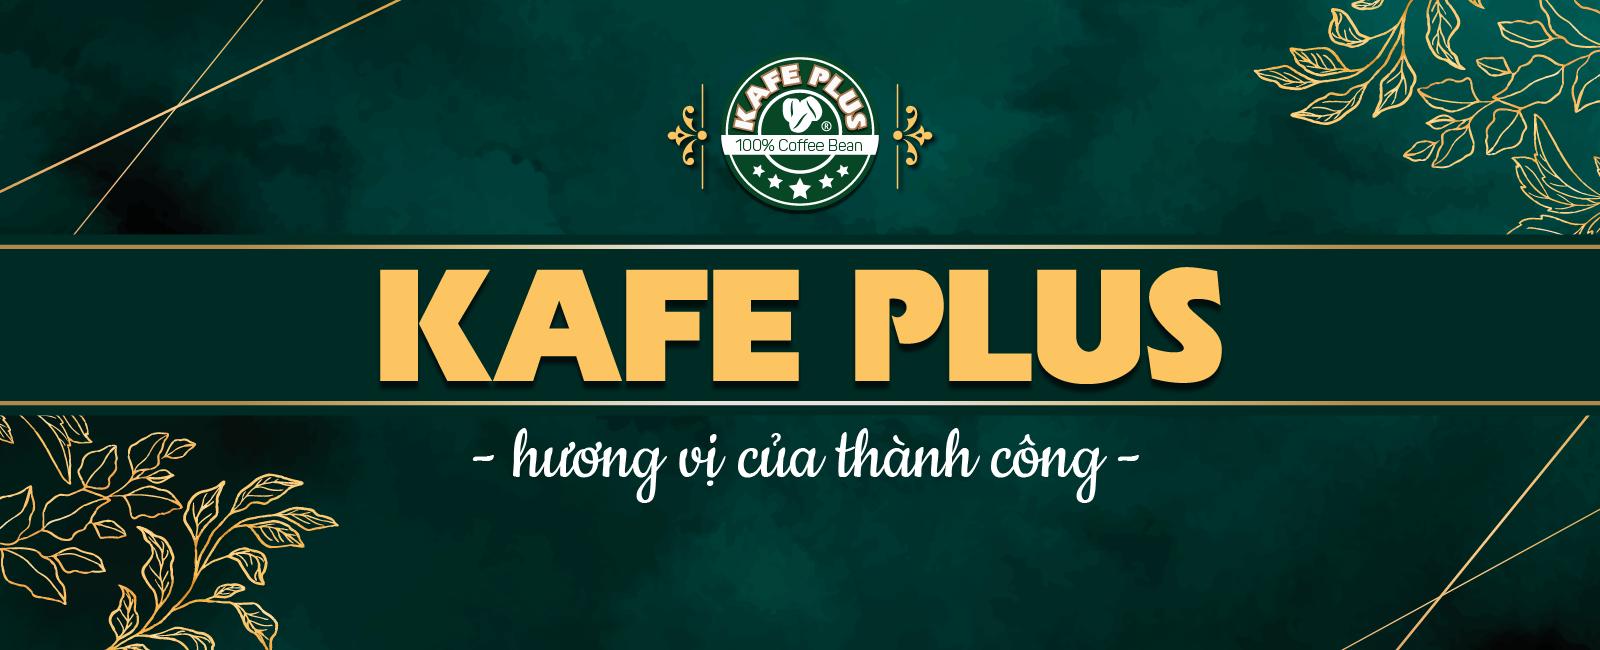 kafeplus.vn